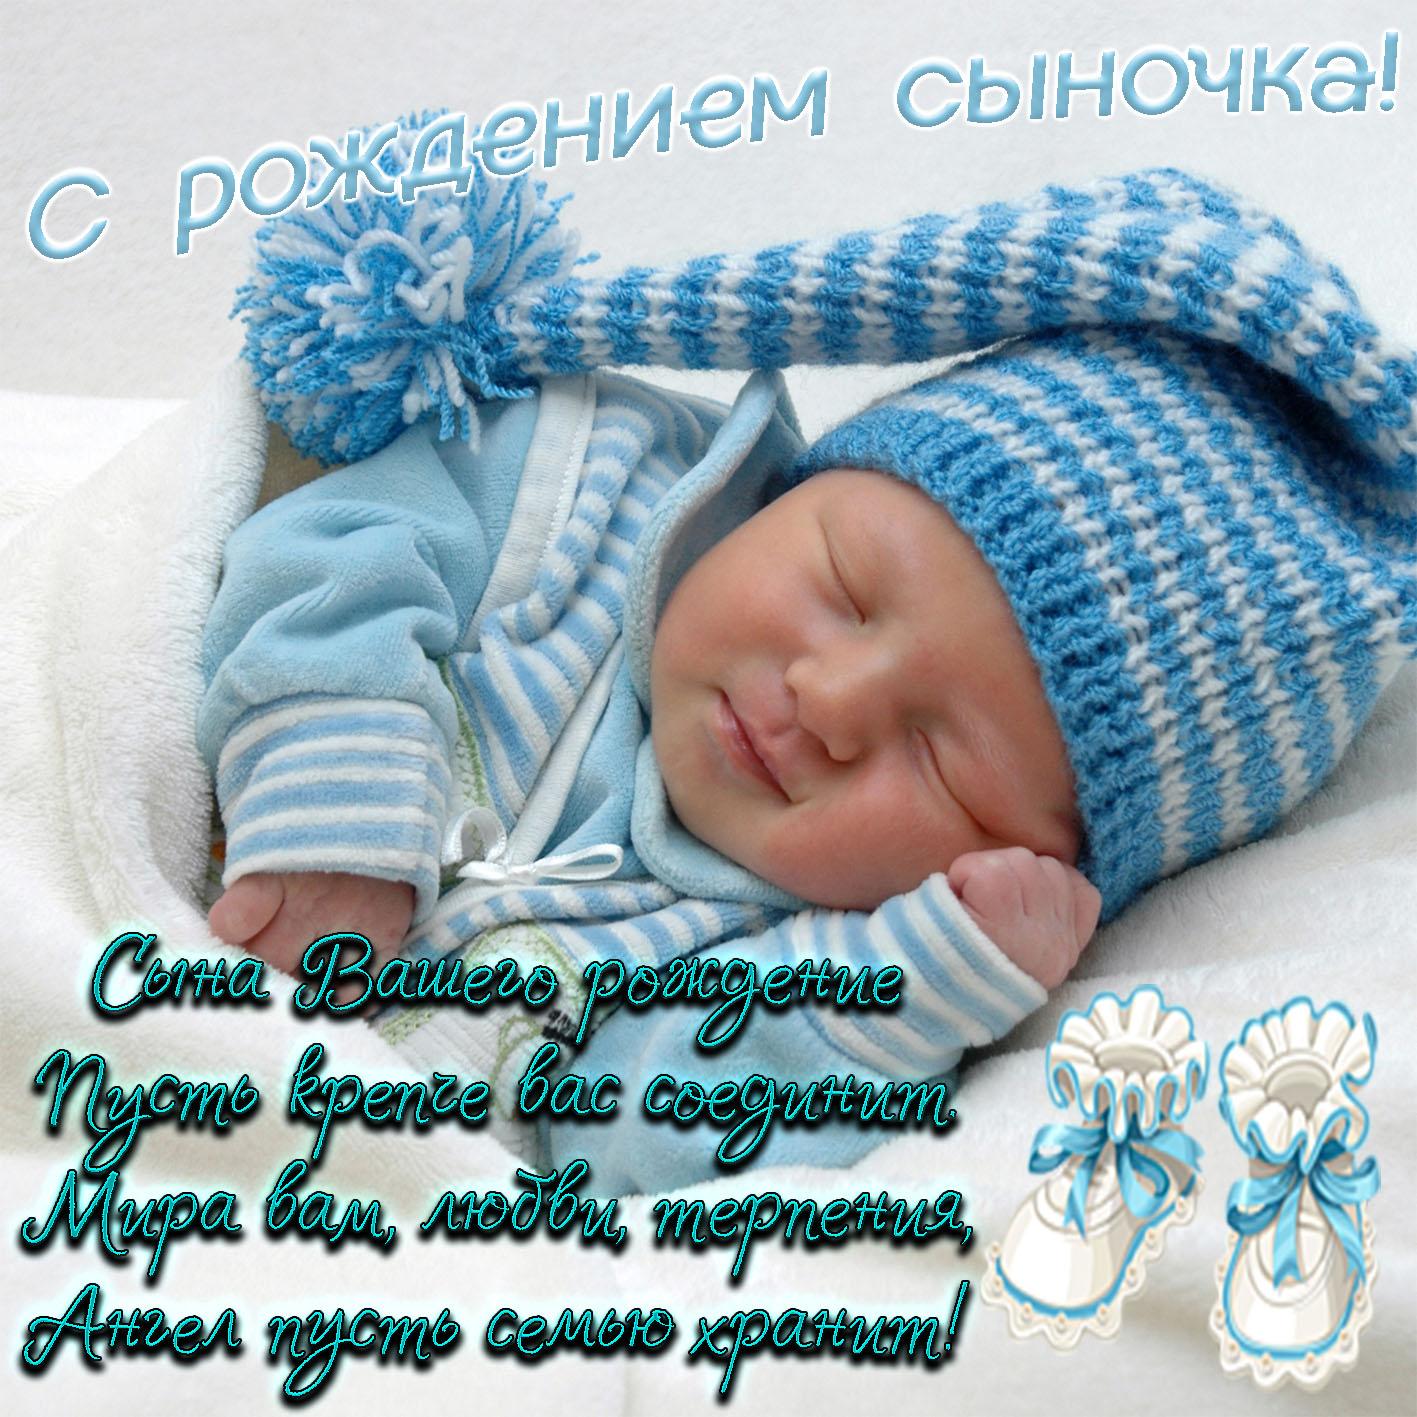 Монстер хай, картинки с поздравлением с рождения сына